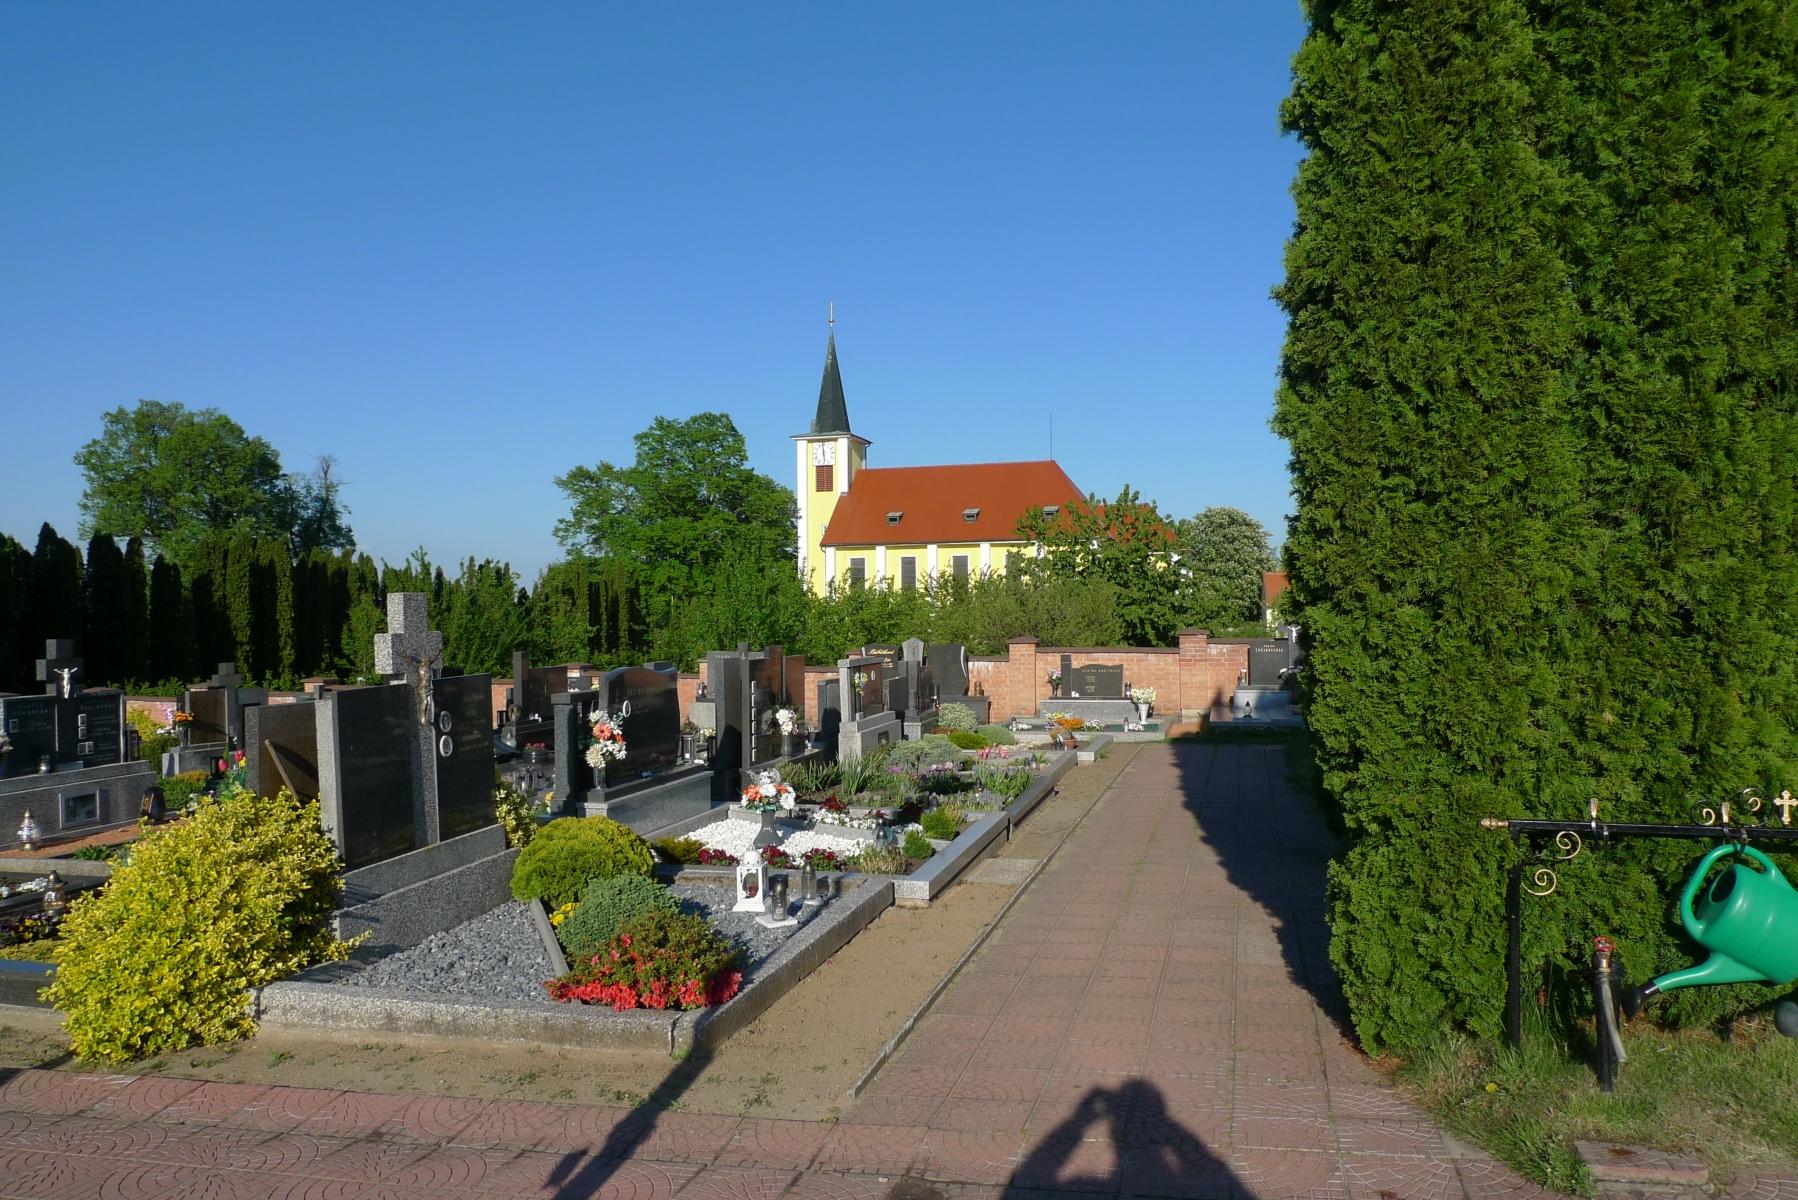 Kostel-a-okolí-19